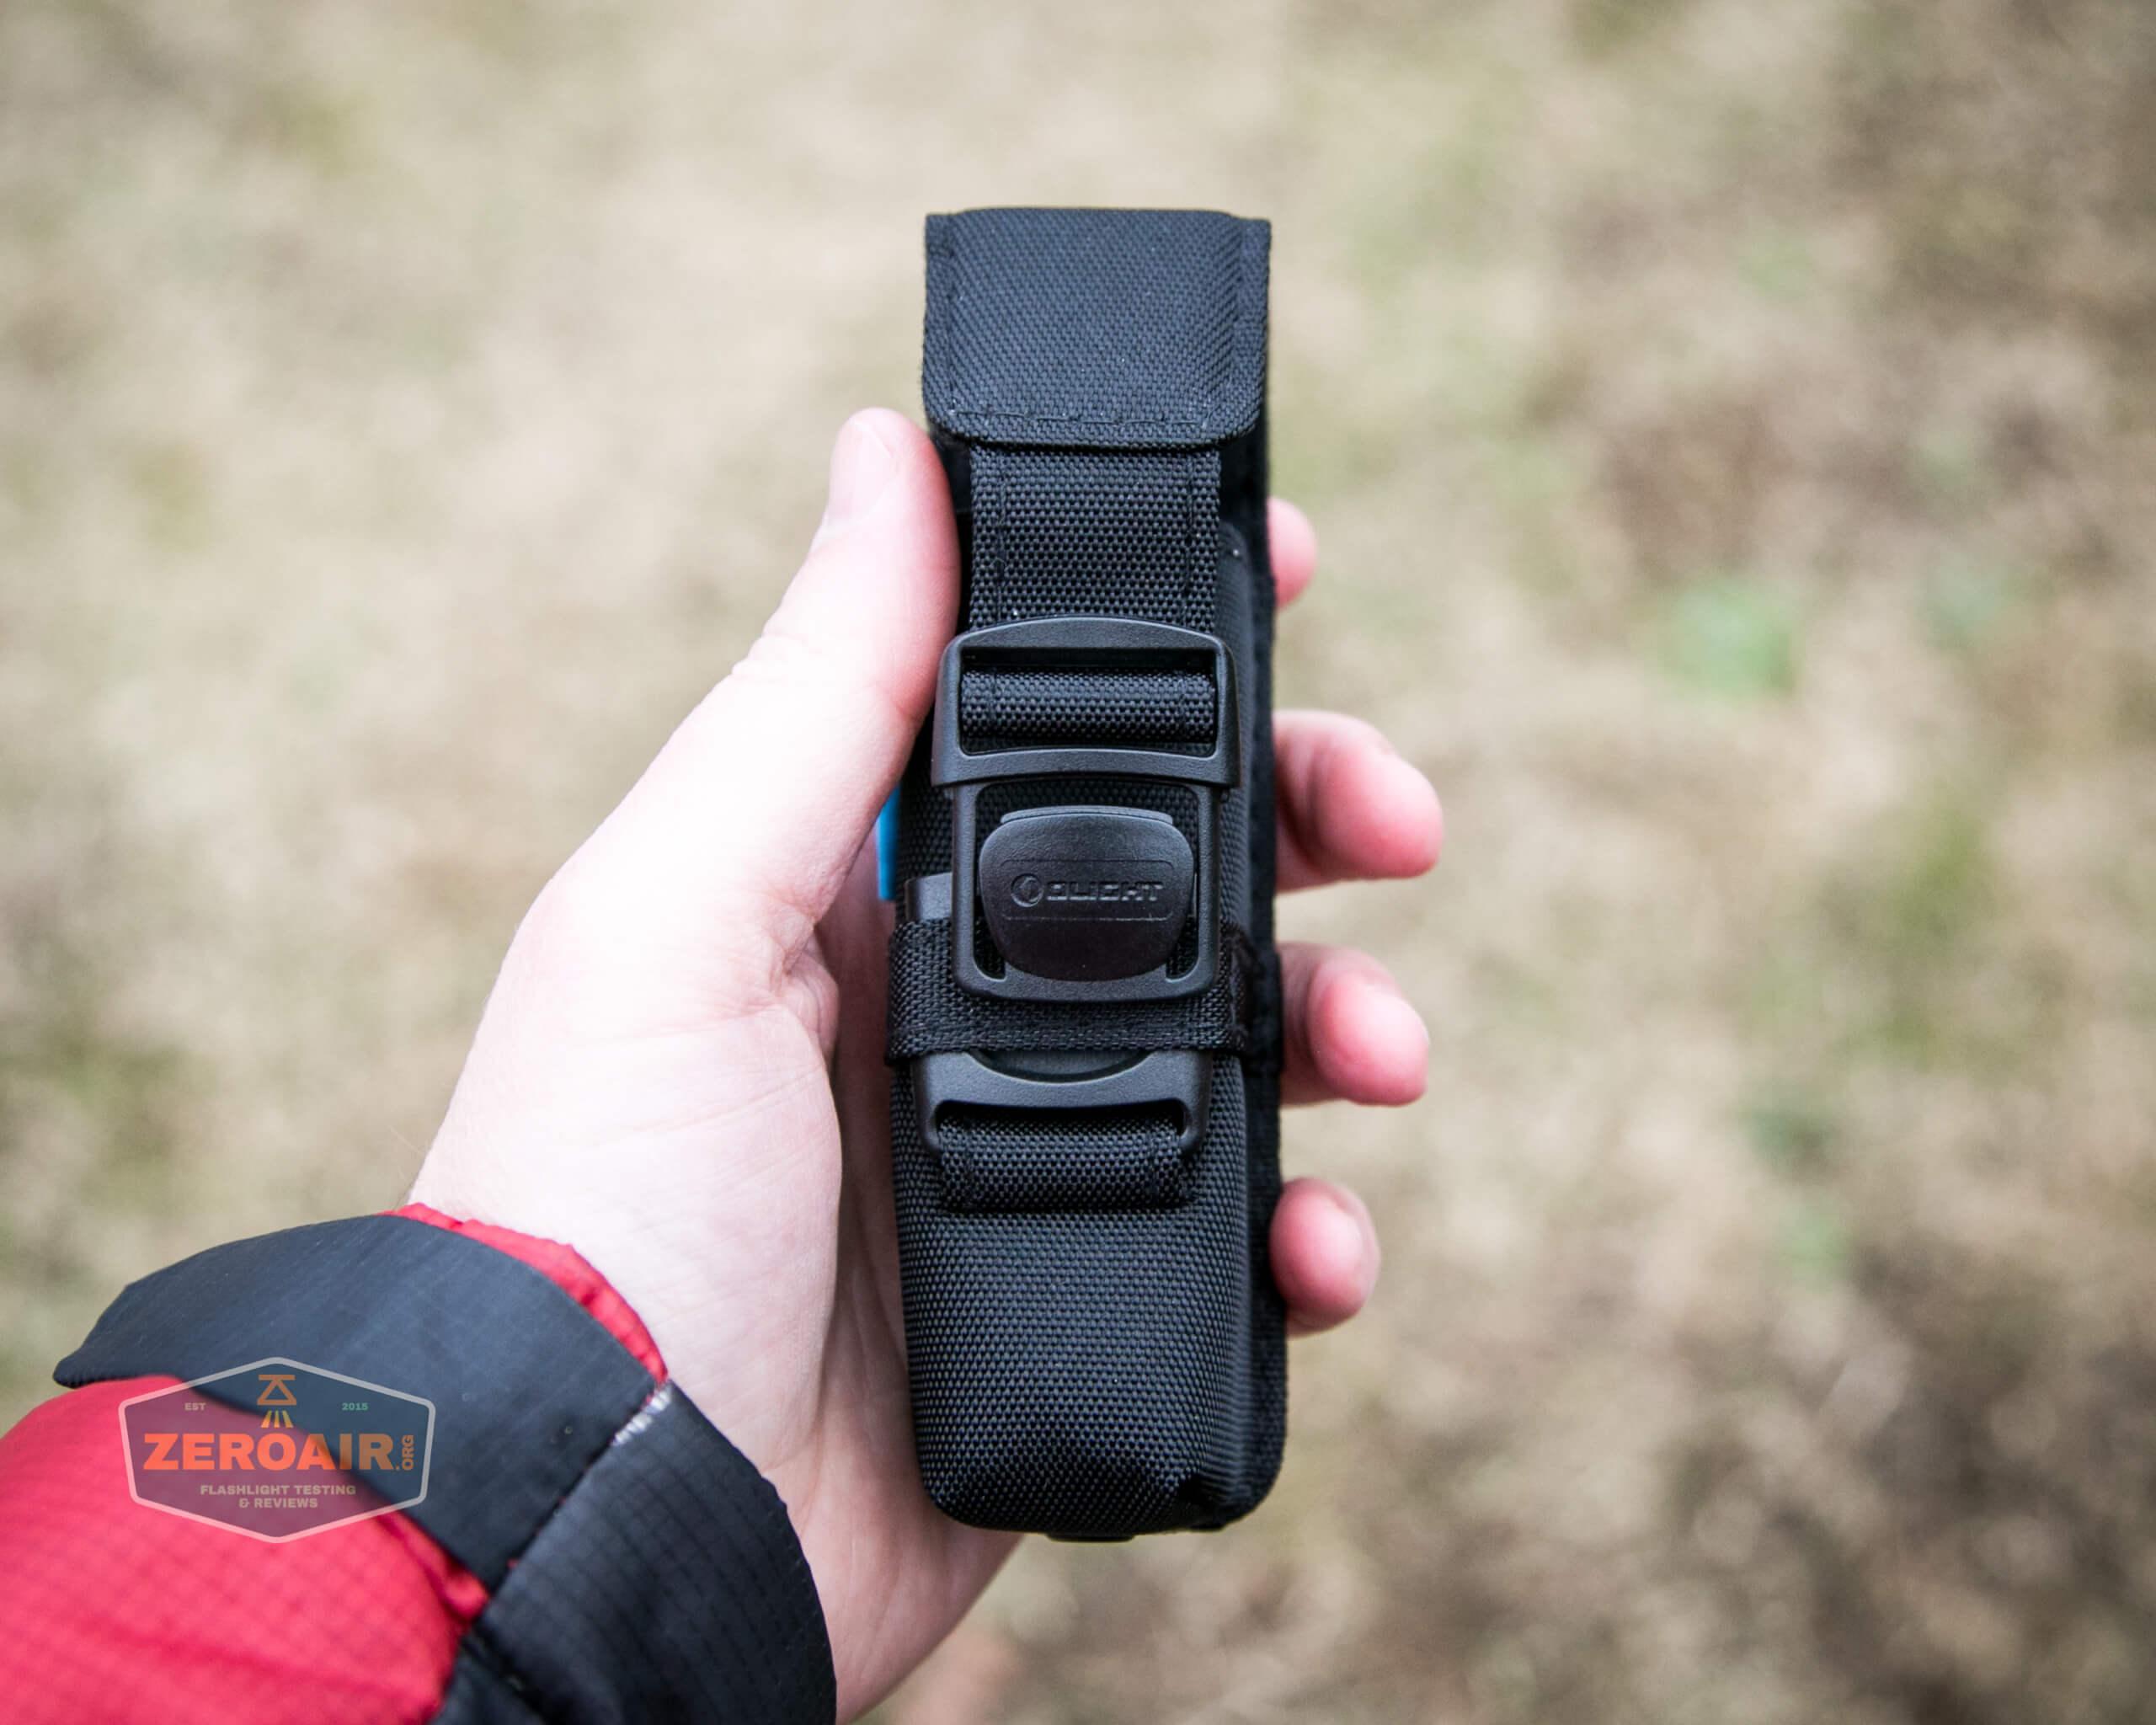 Olight M2R Pro Warrior Orange nylon pouch in hand